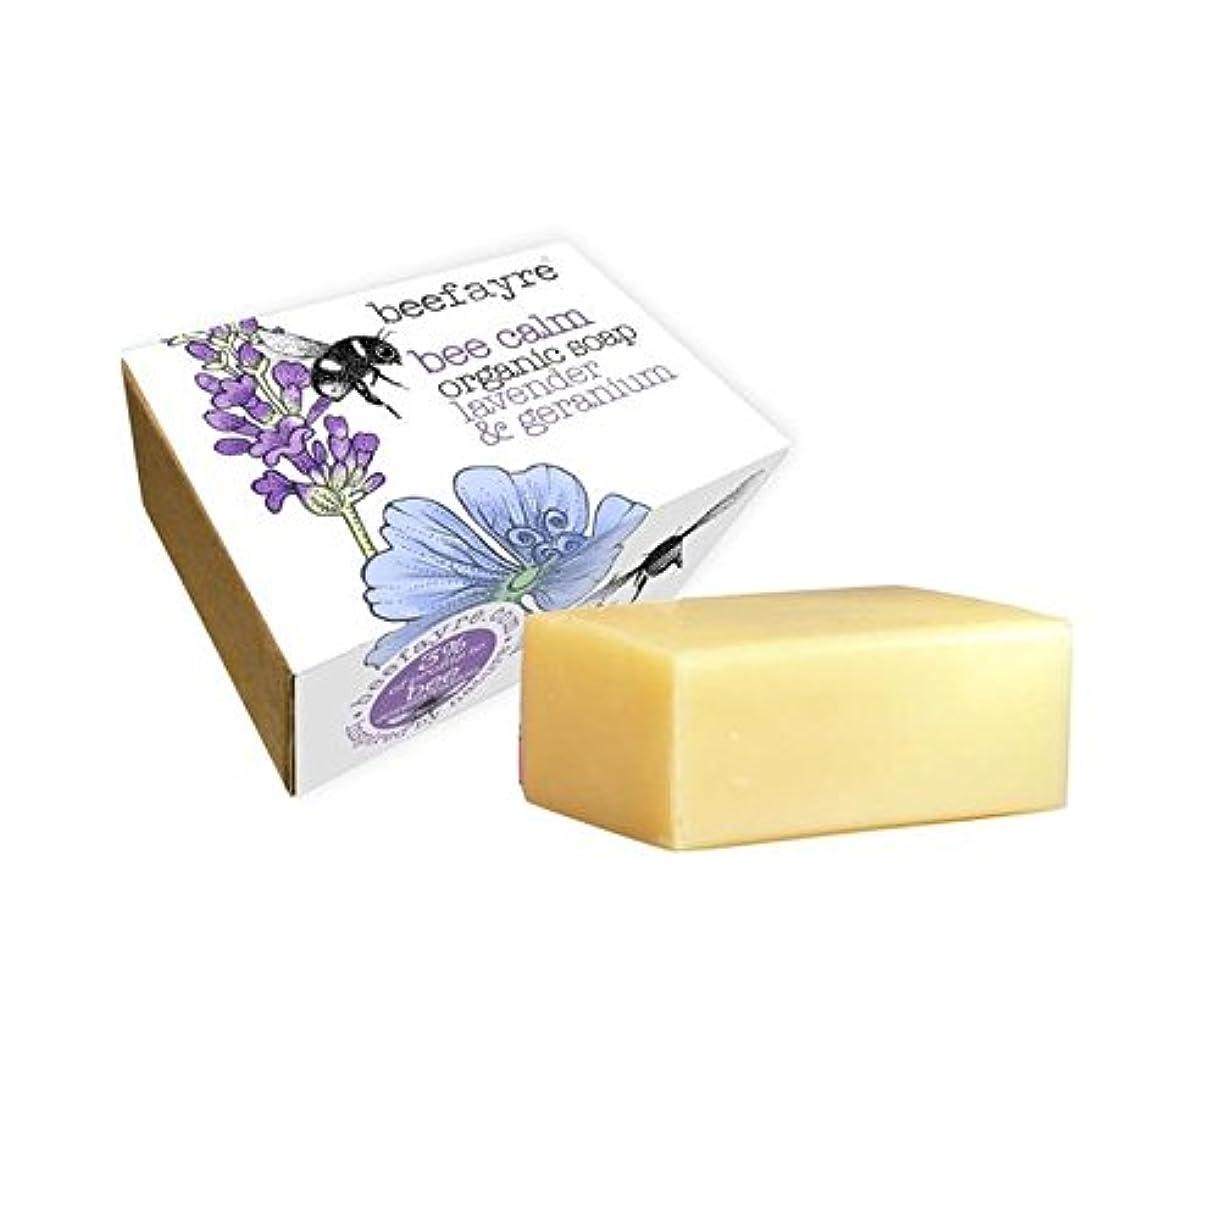 労苦病的傑出したBeefayre Organic Geranium & Lavender Soap - 有機ゼラニウム&ラベンダー石鹸 [並行輸入品]